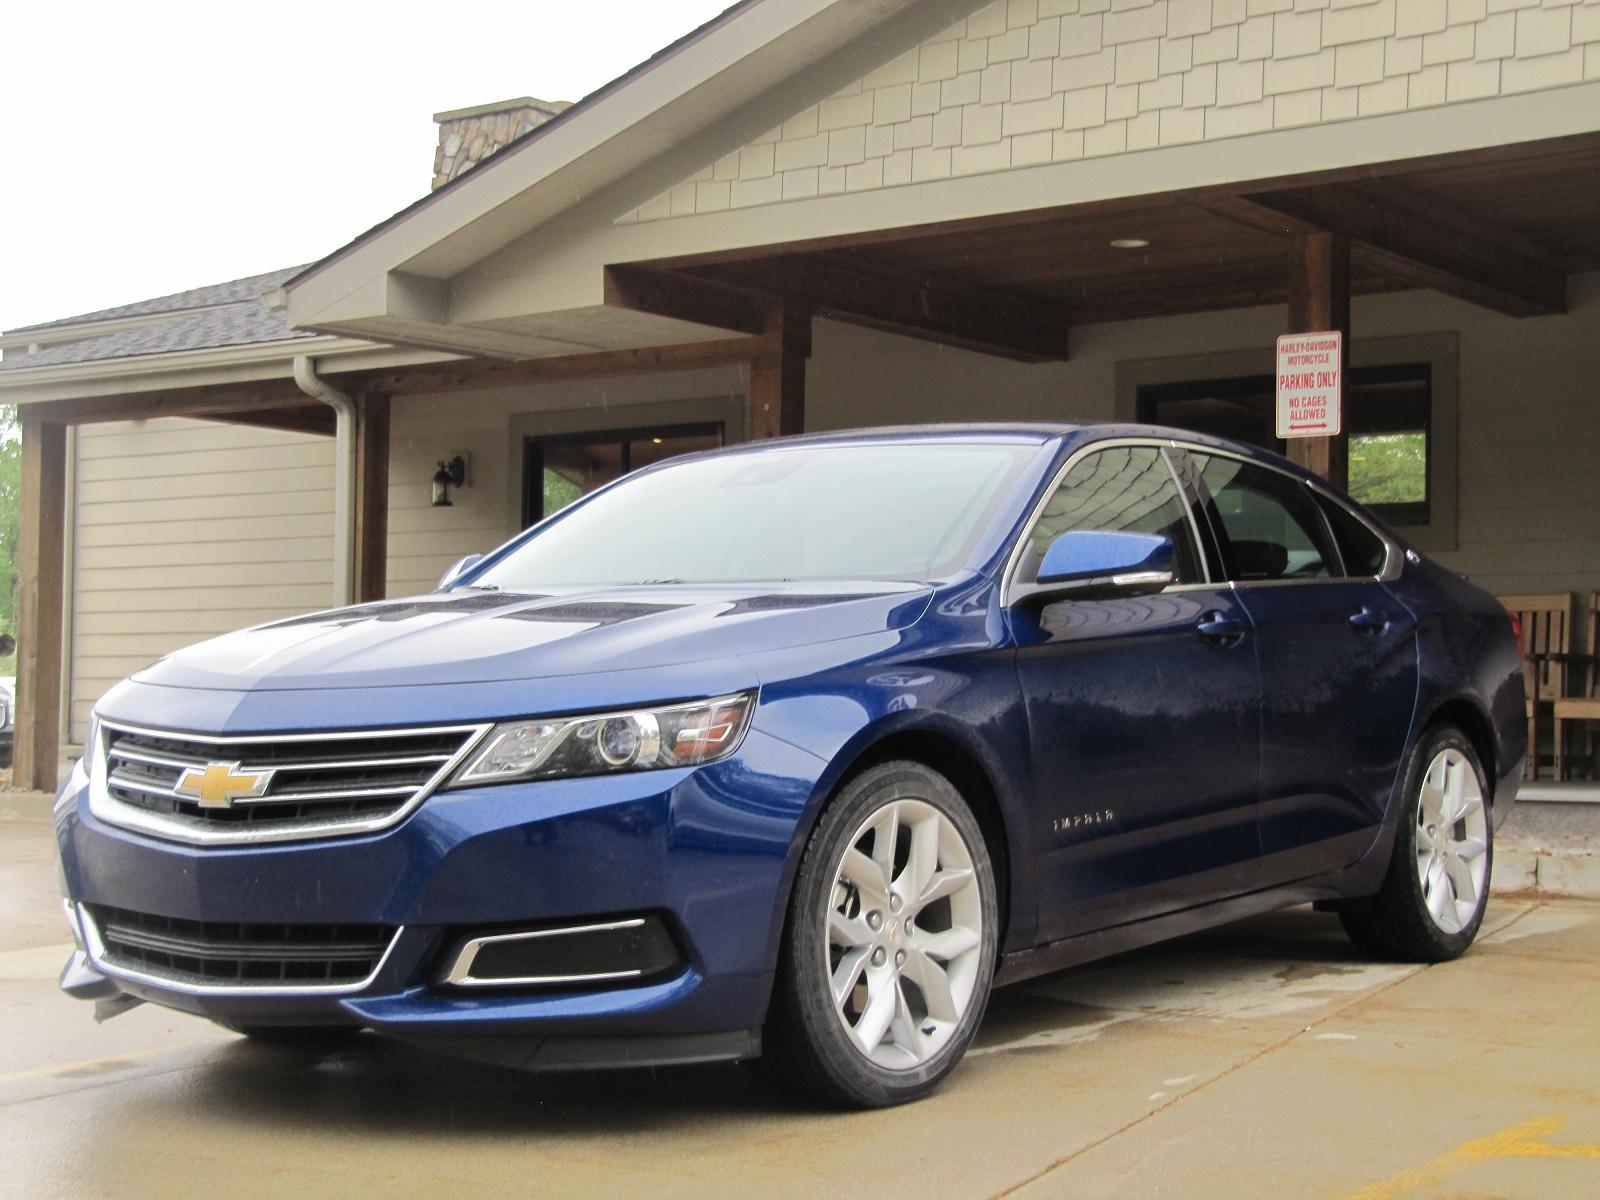 2014 chevrolet impala 2 5 liter four cylinder quick drive. Black Bedroom Furniture Sets. Home Design Ideas